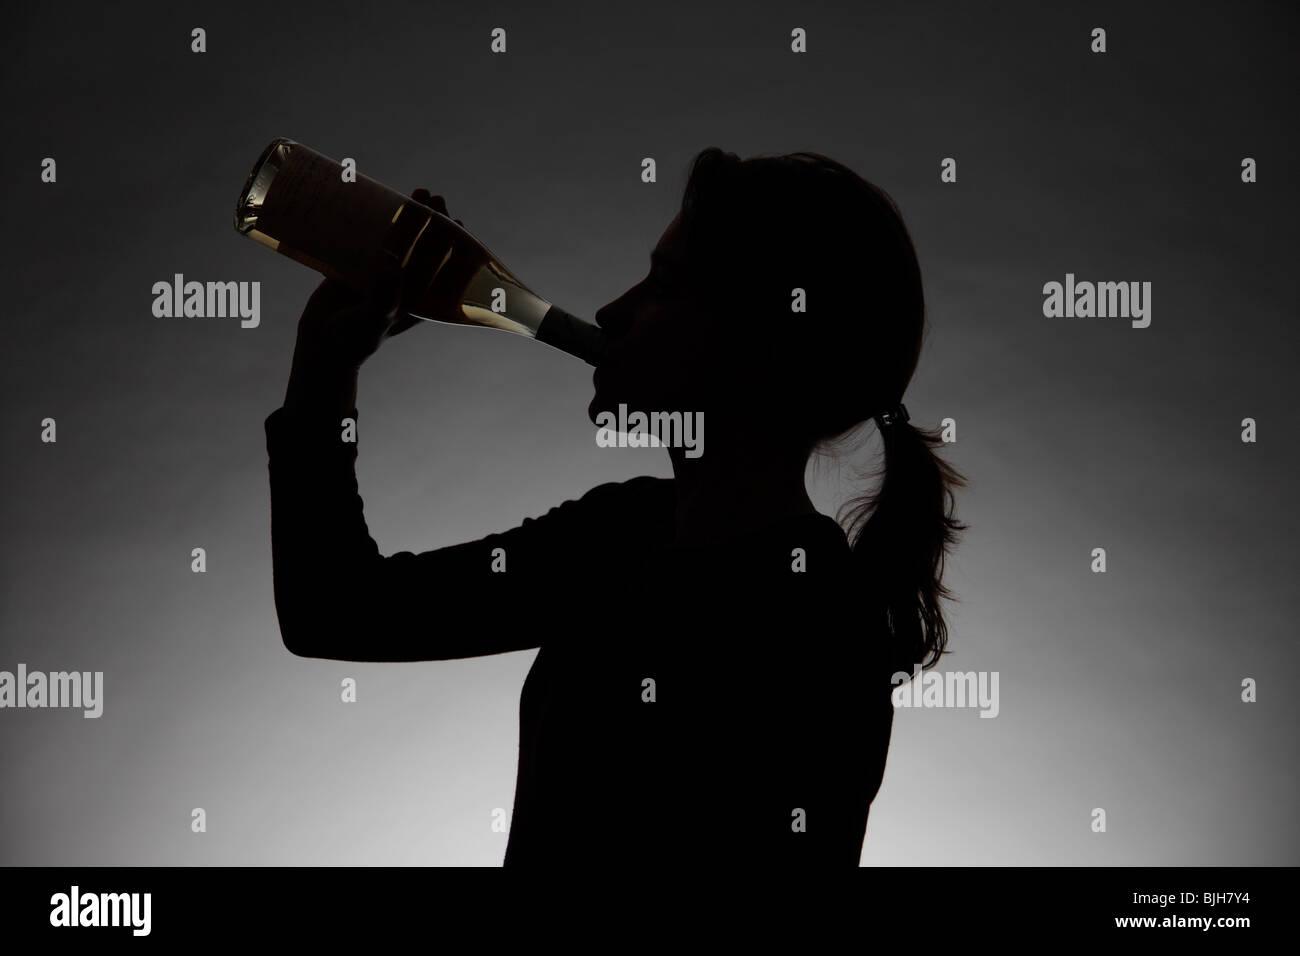 Donna di bere alcolici. Simbolo: abuso di alcool, la dipendenza Immagini Stock